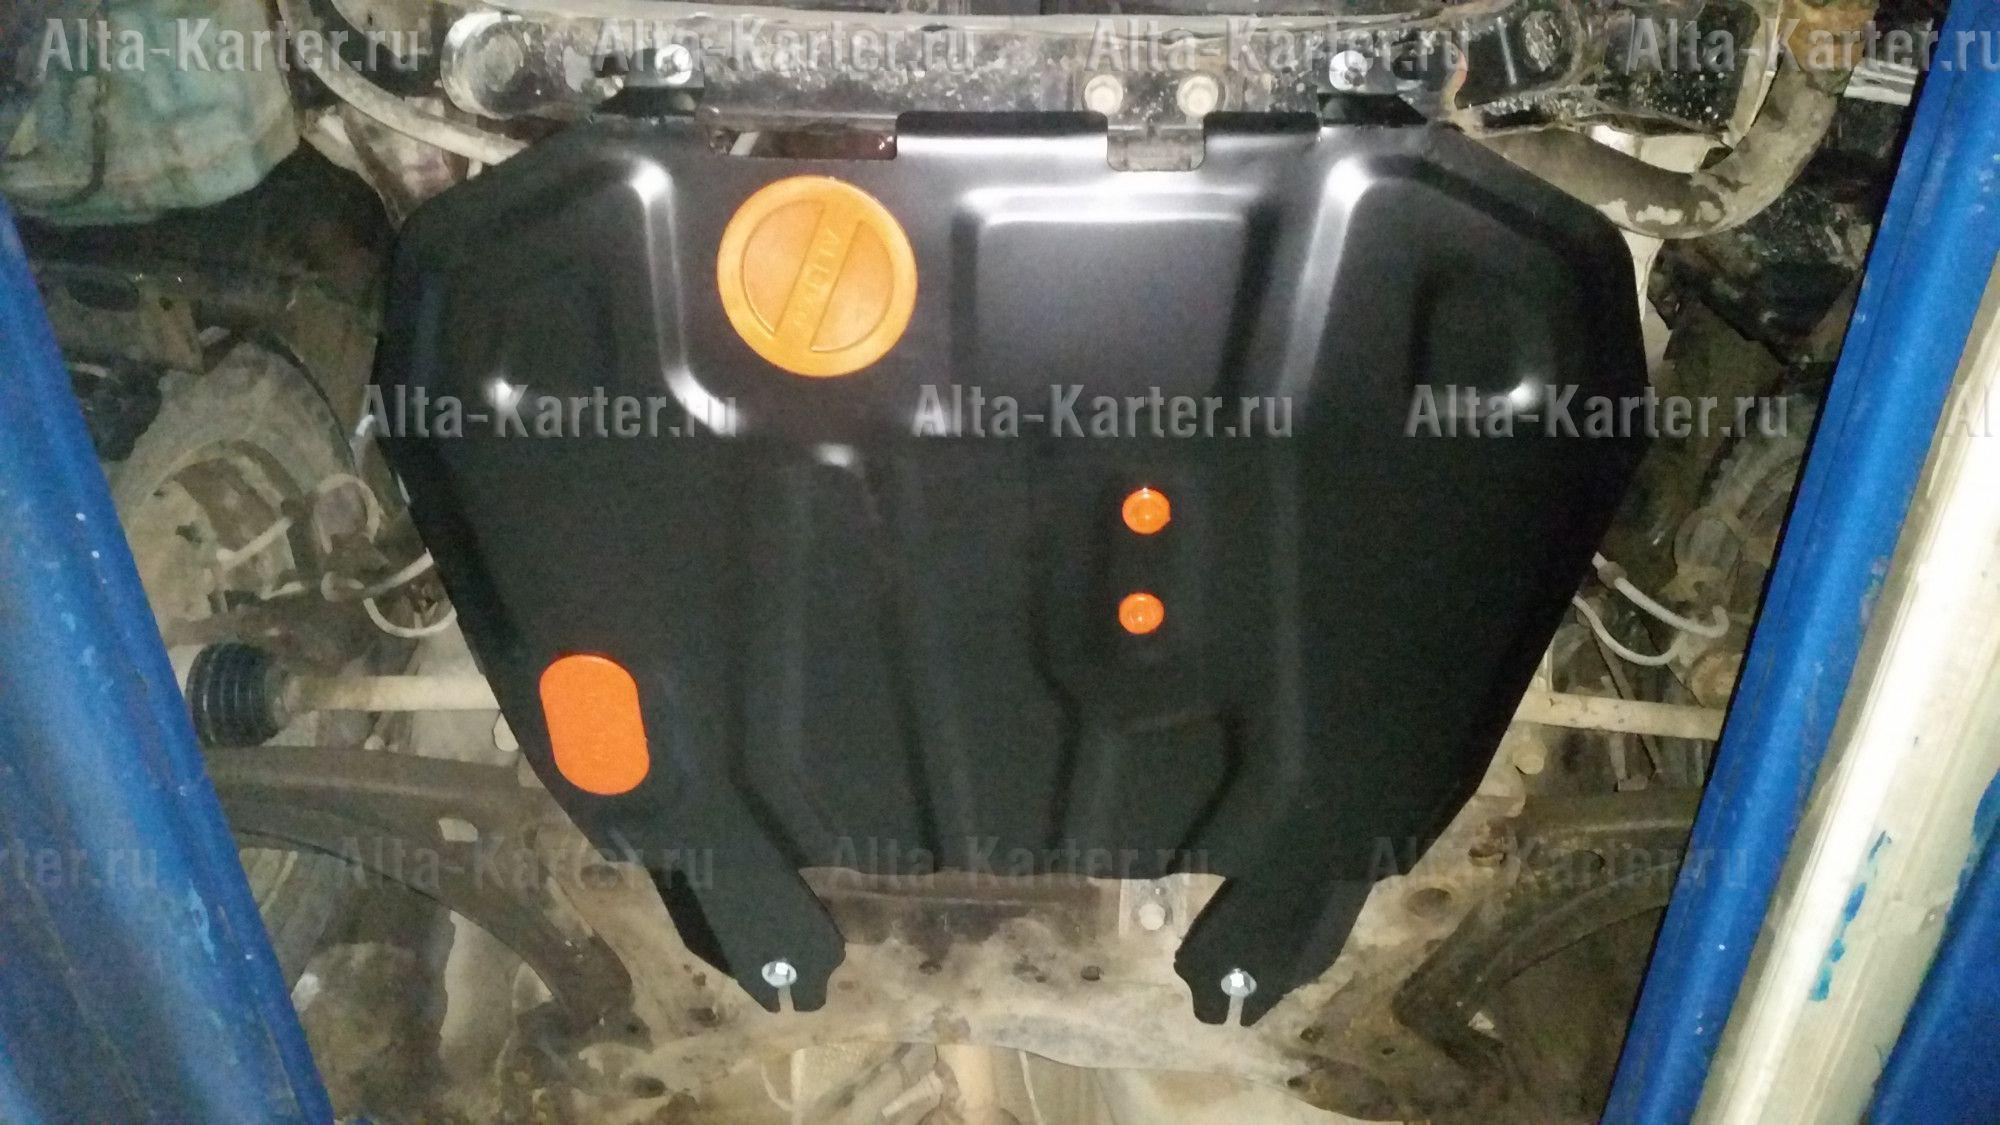 Защита Alfeco для картера и КПП Mitsubishi ASX 2010-2021. Артикул ALF.14.02